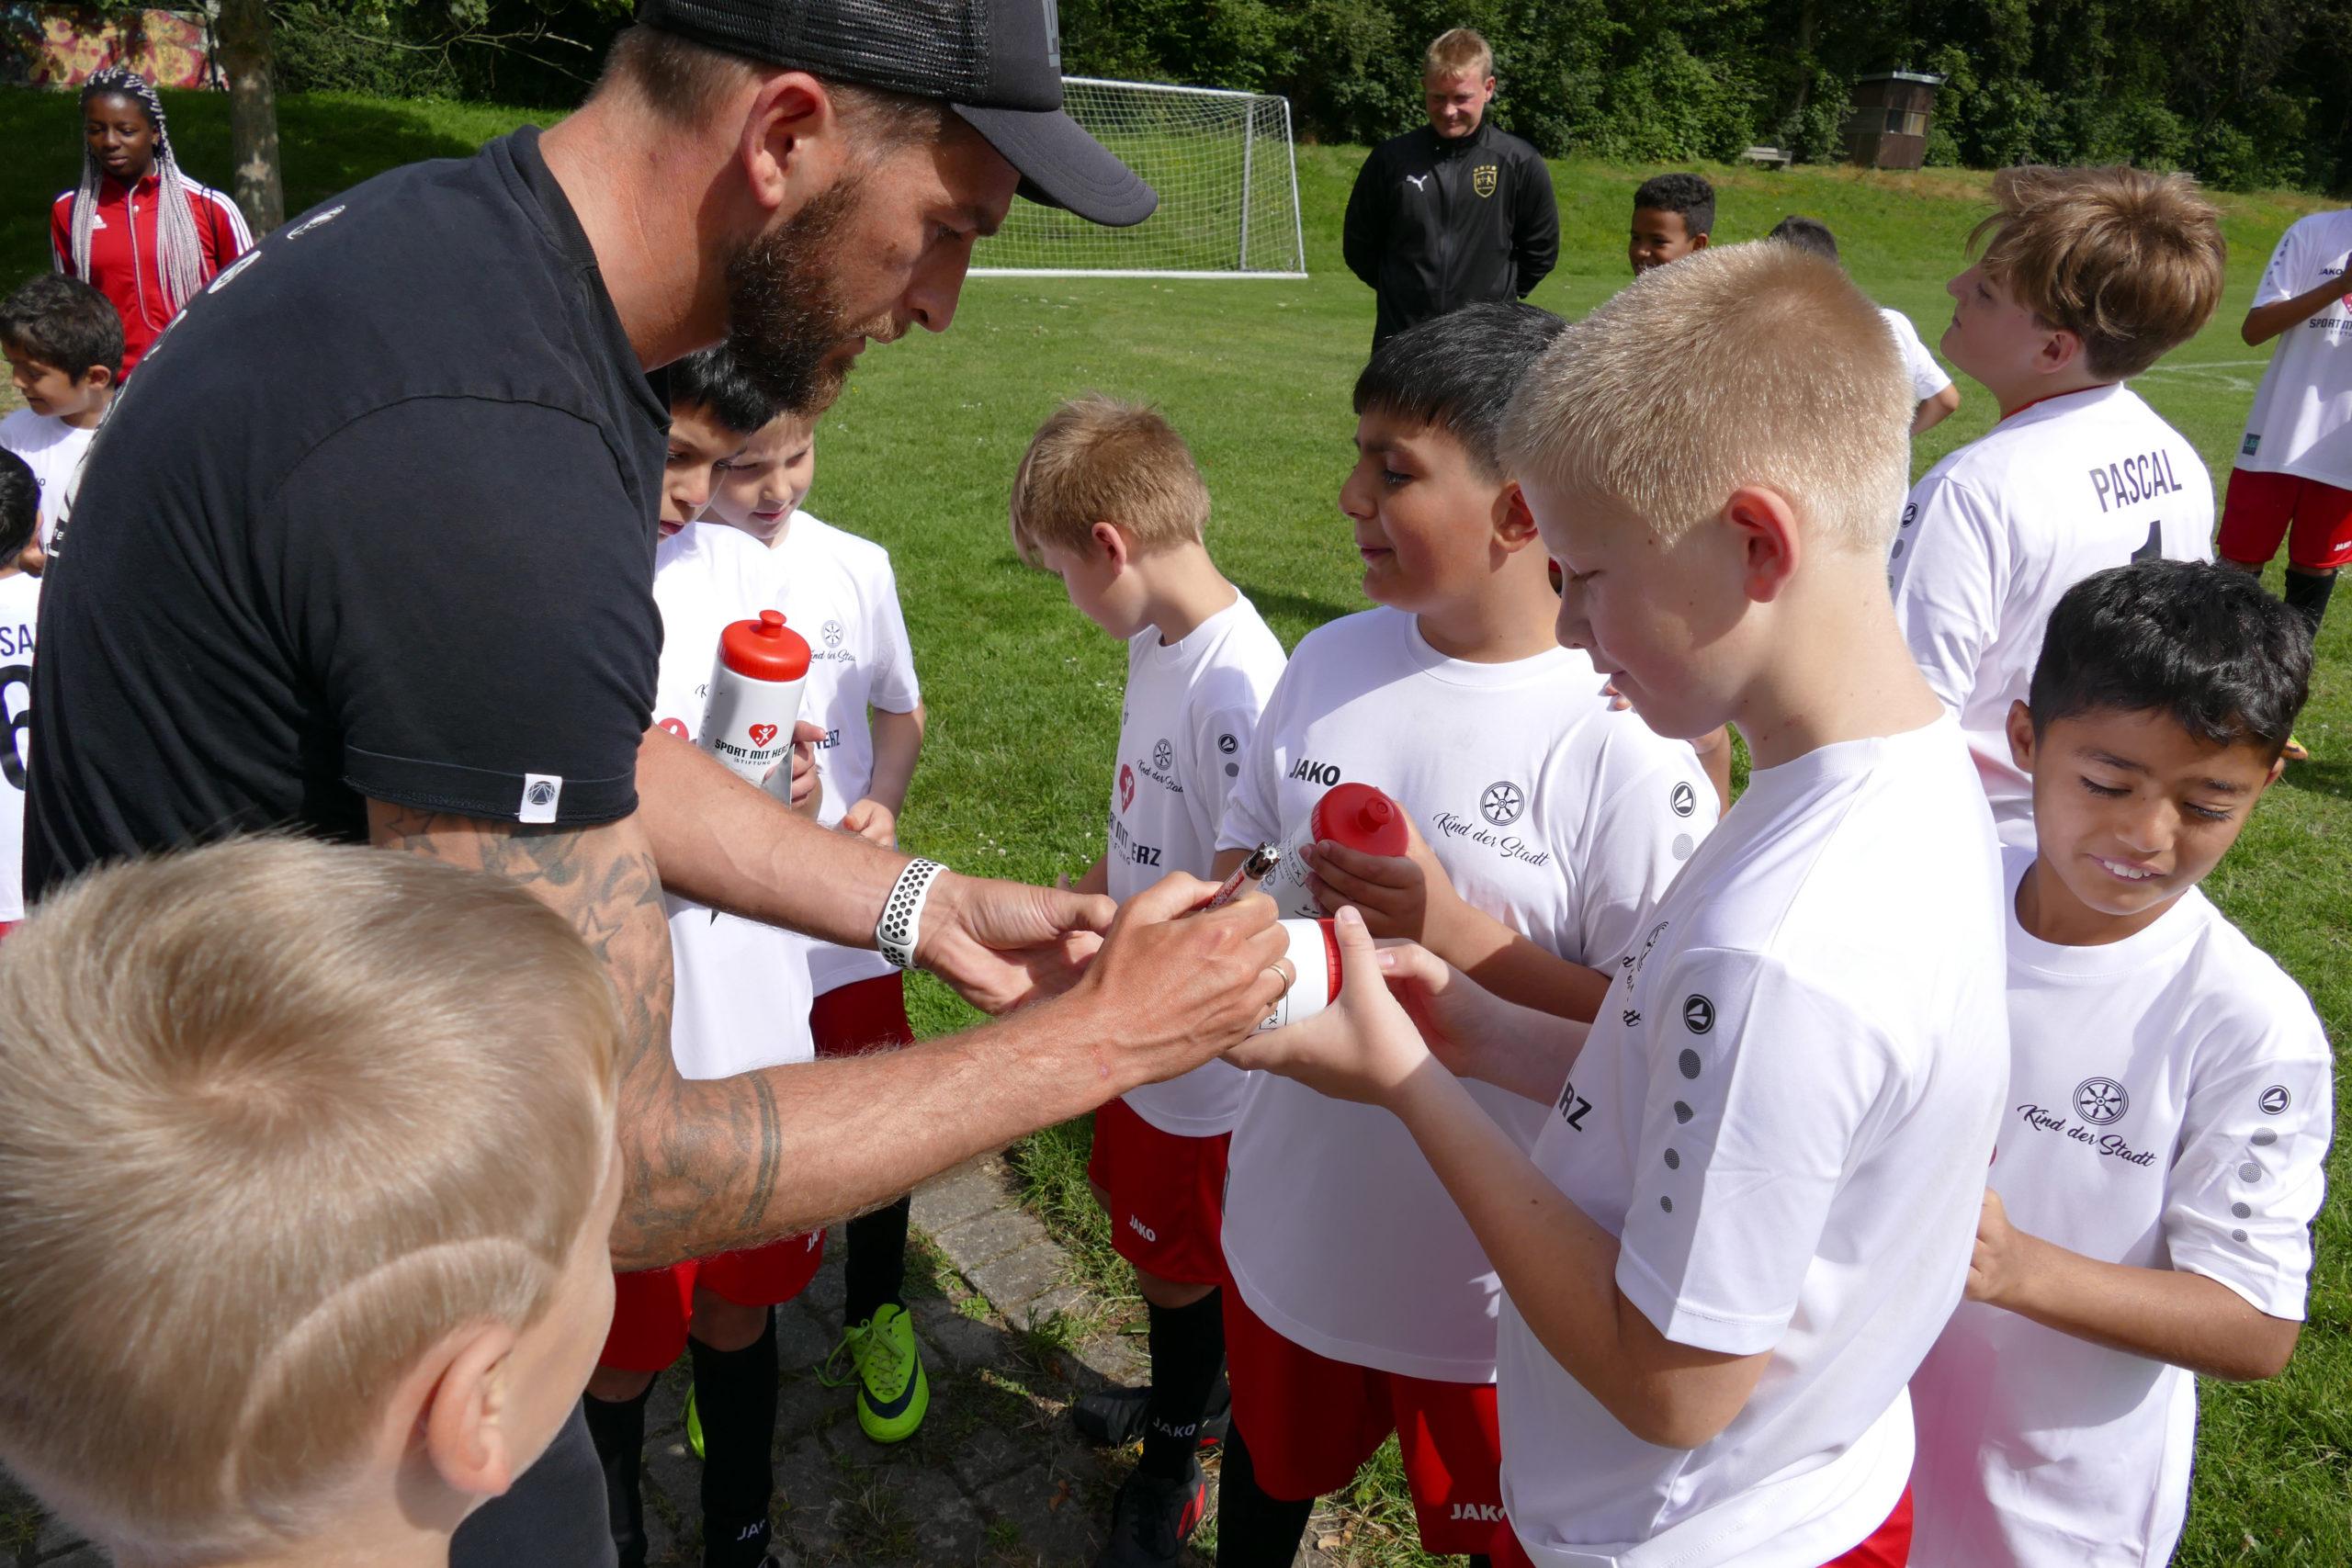 Soziales Fußball-Camp im SV Nortrup